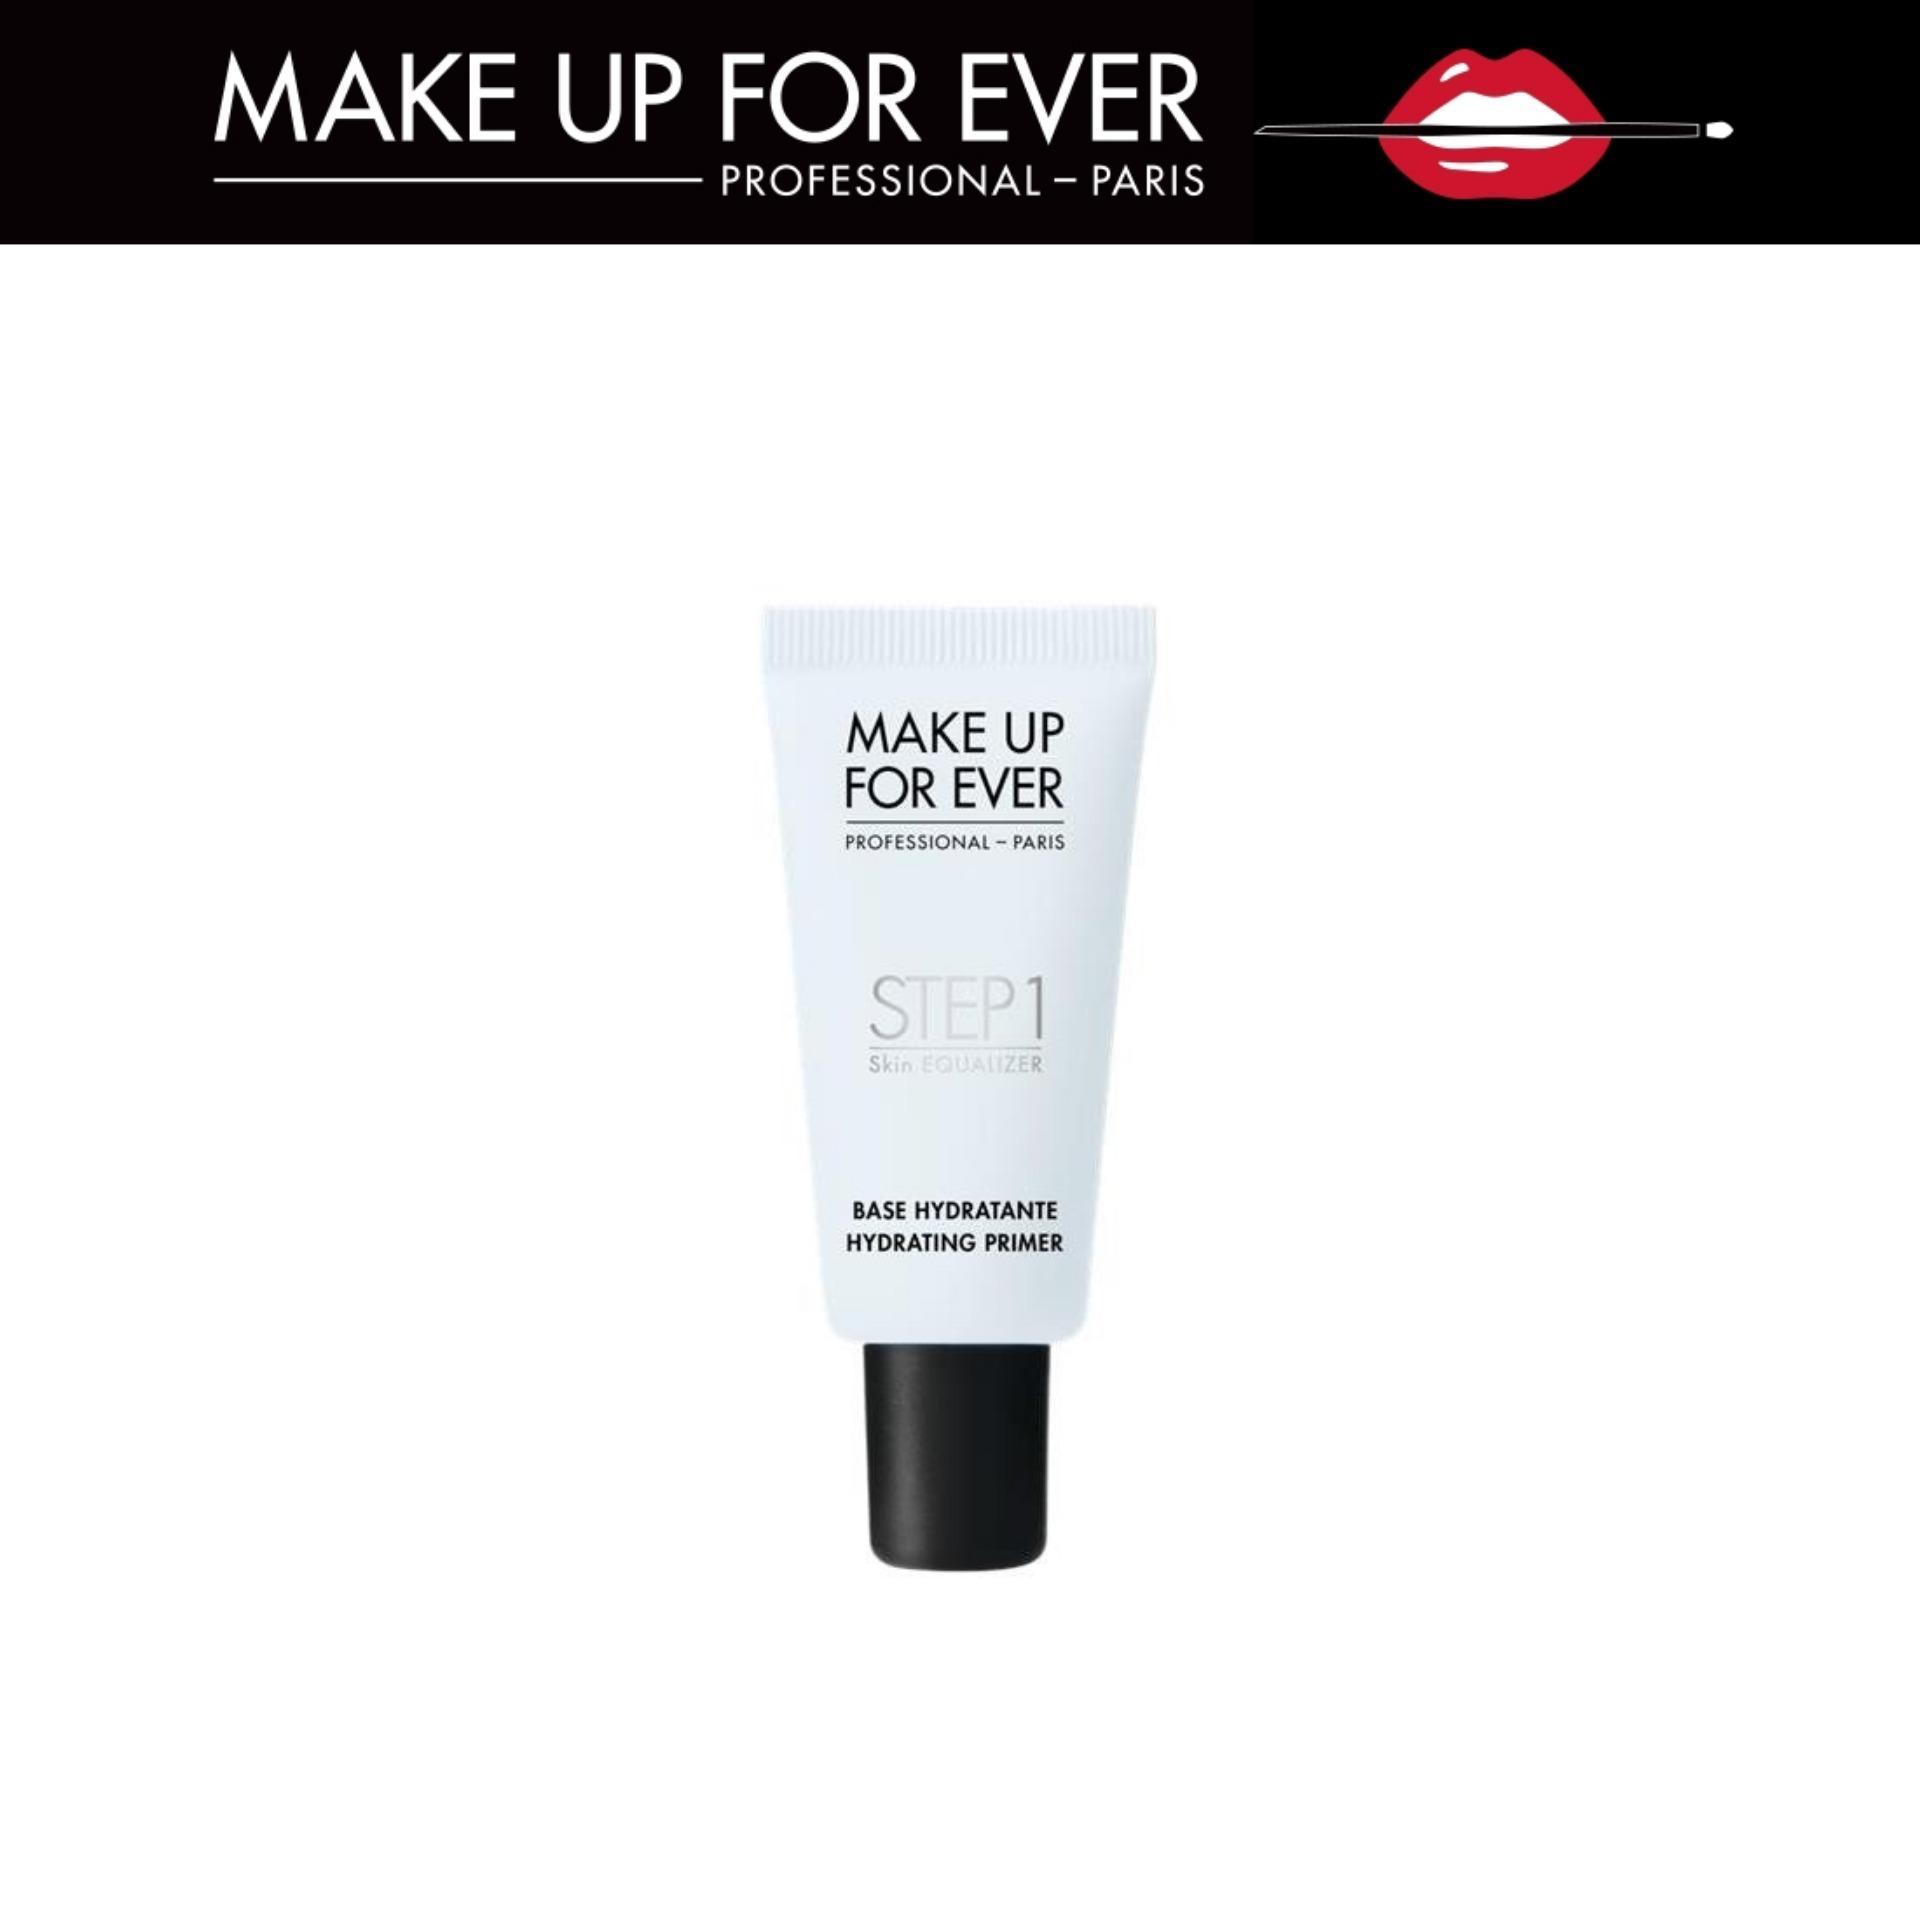 Make Up For Ever -   Step1 Skin Equalizer - Hydrating Primer.